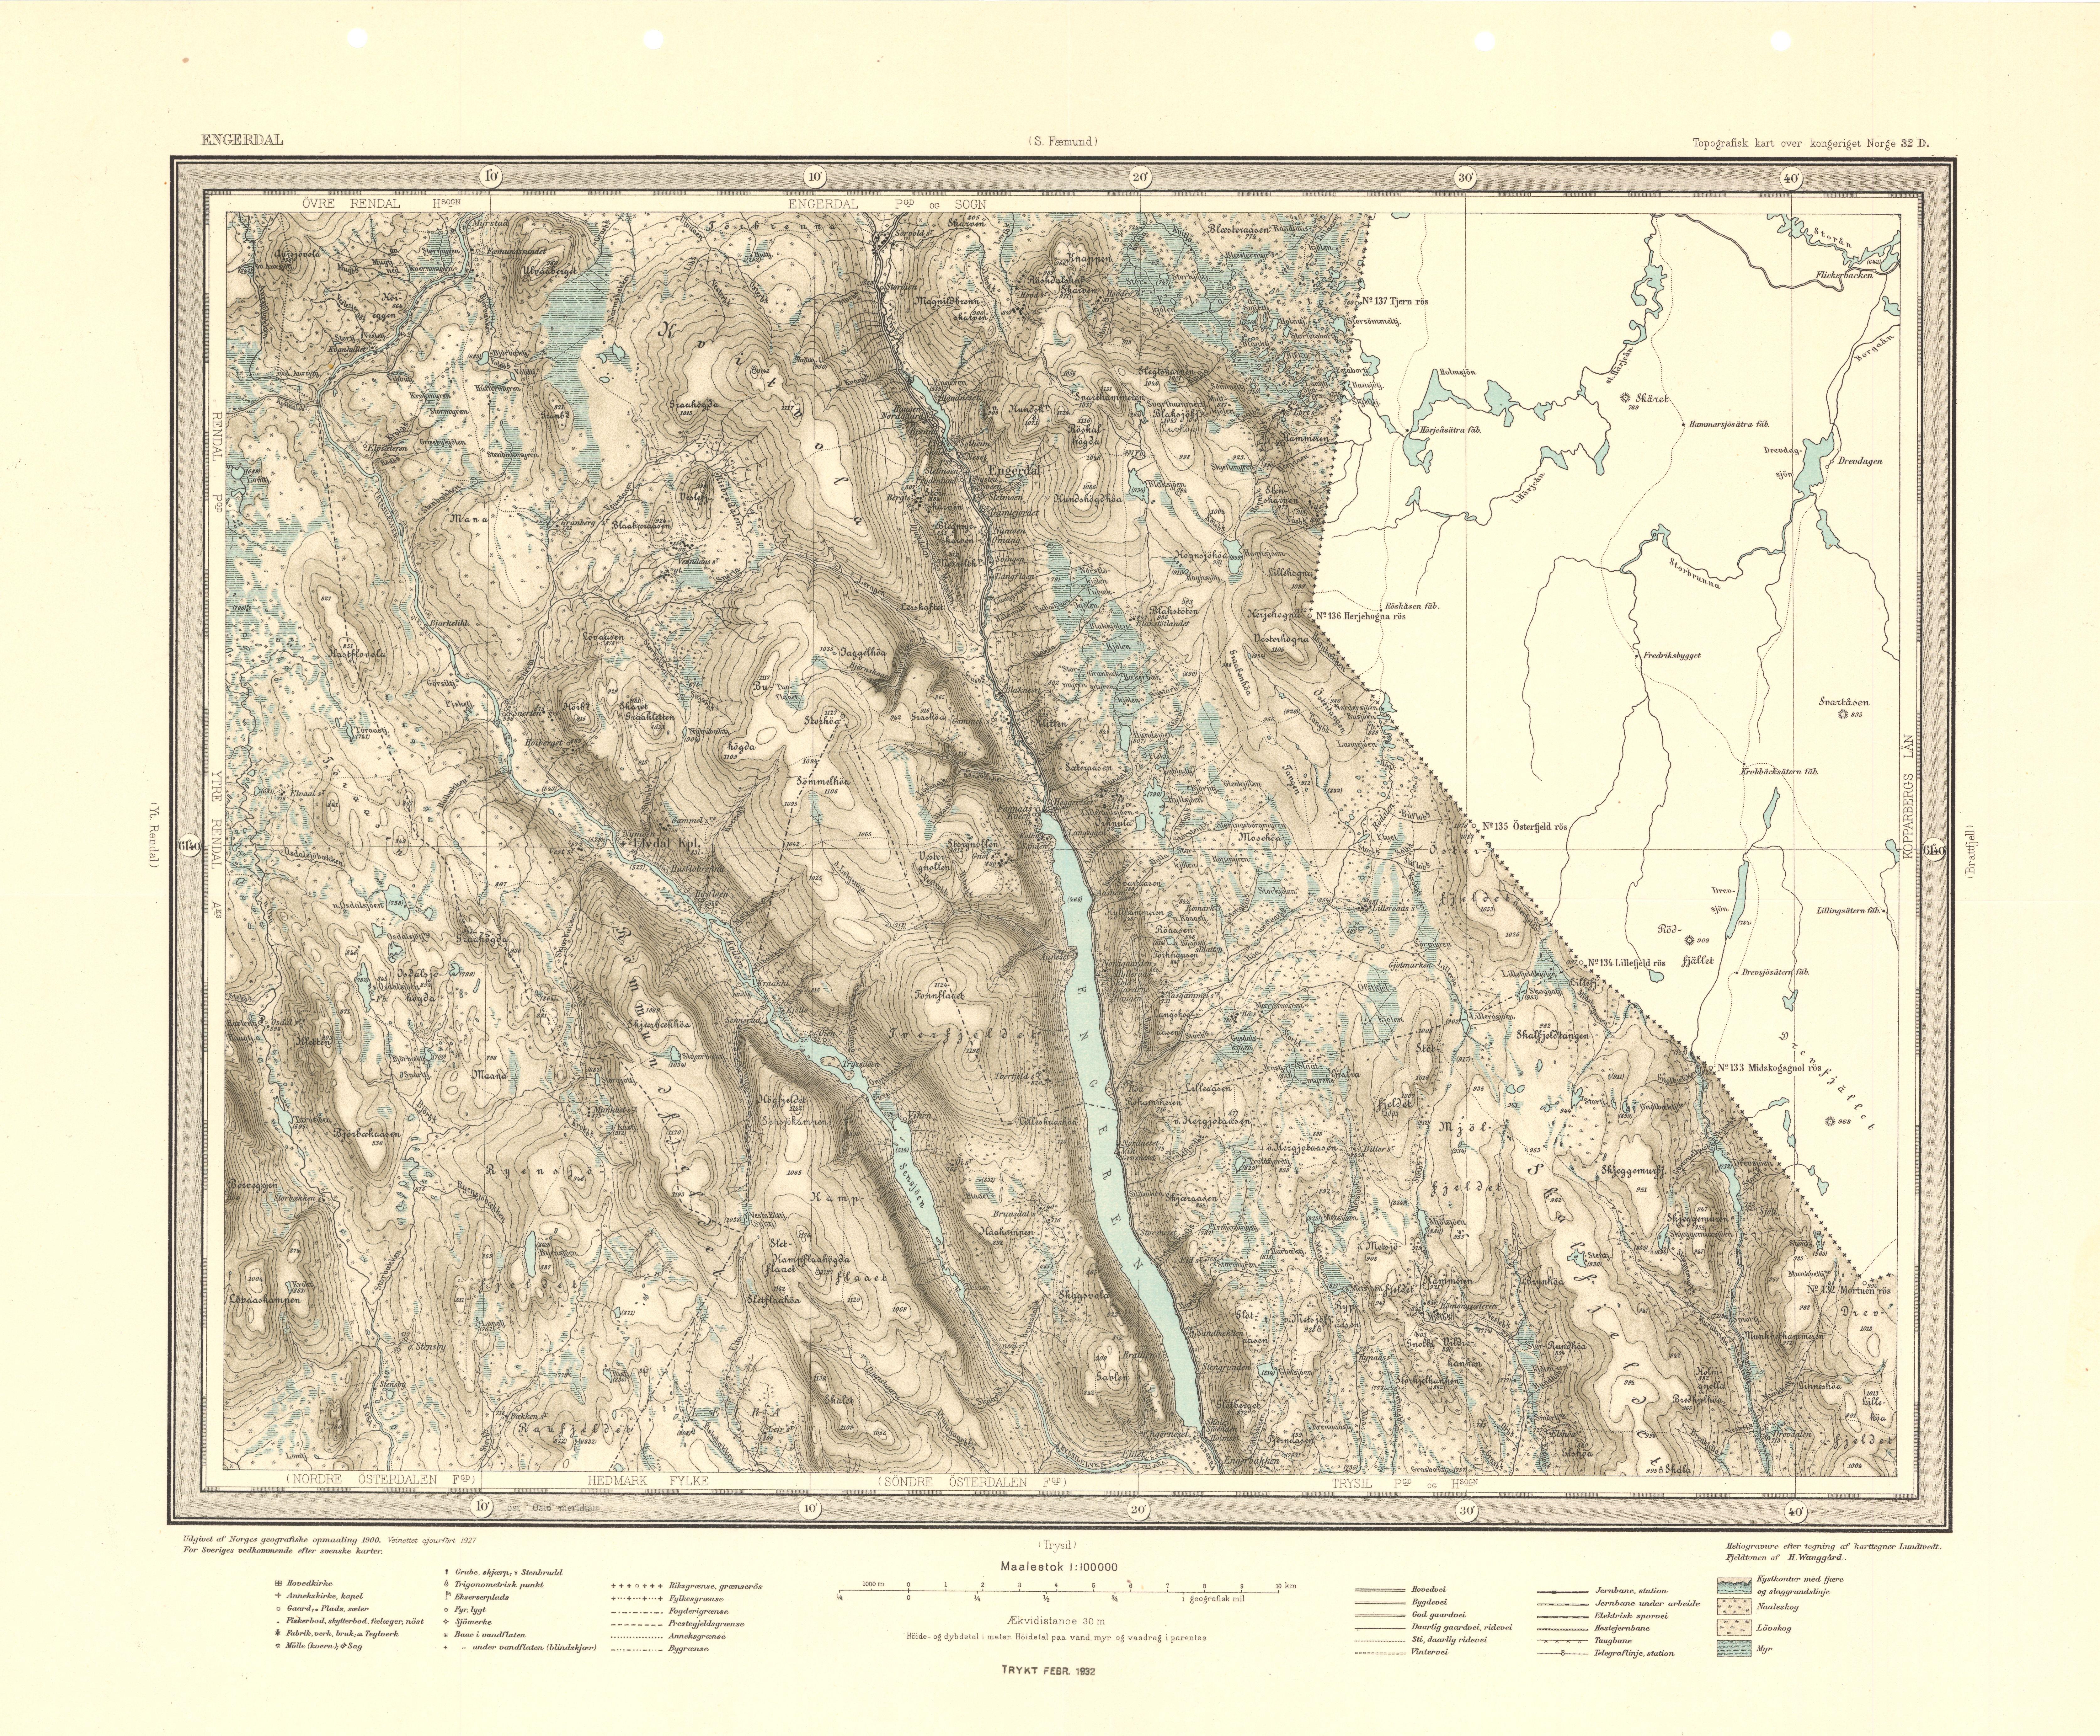 kart over engerdal File:Rektangelkart Engerdal 32D, 1927.   Wikimedia Commons kart over engerdal